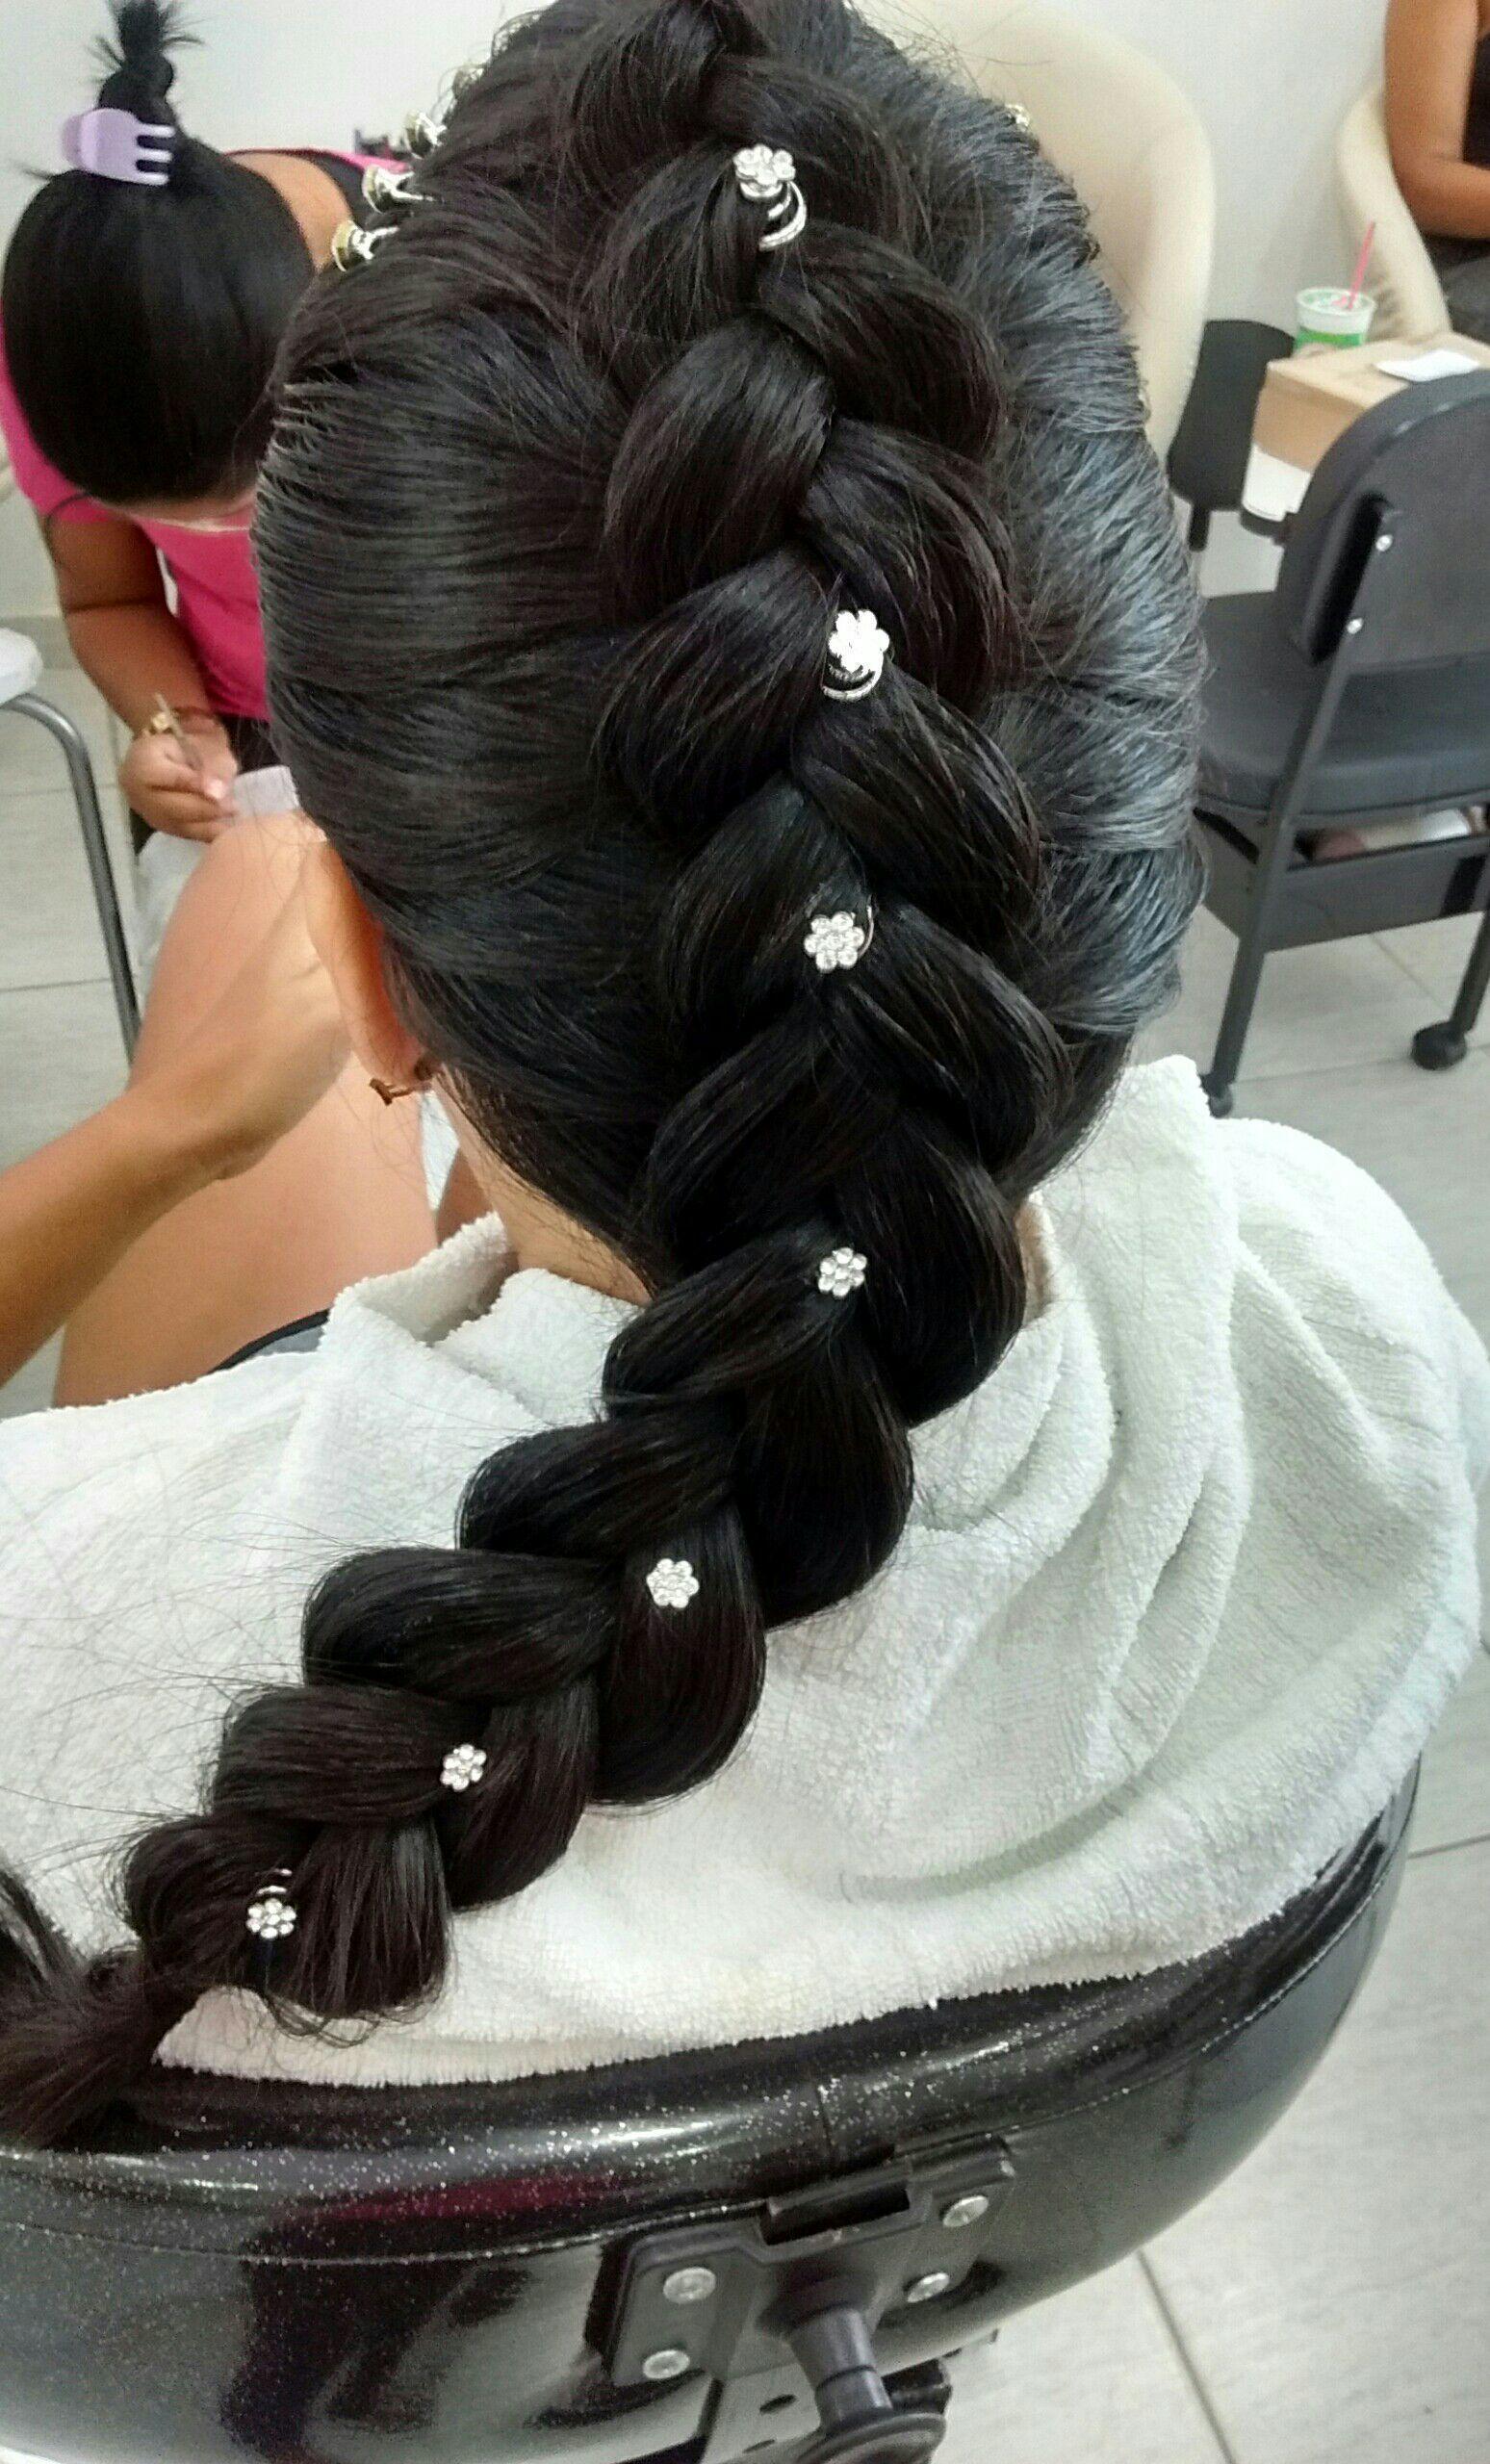 Penteado: trança invertida cabelo cabeleireiro(a)